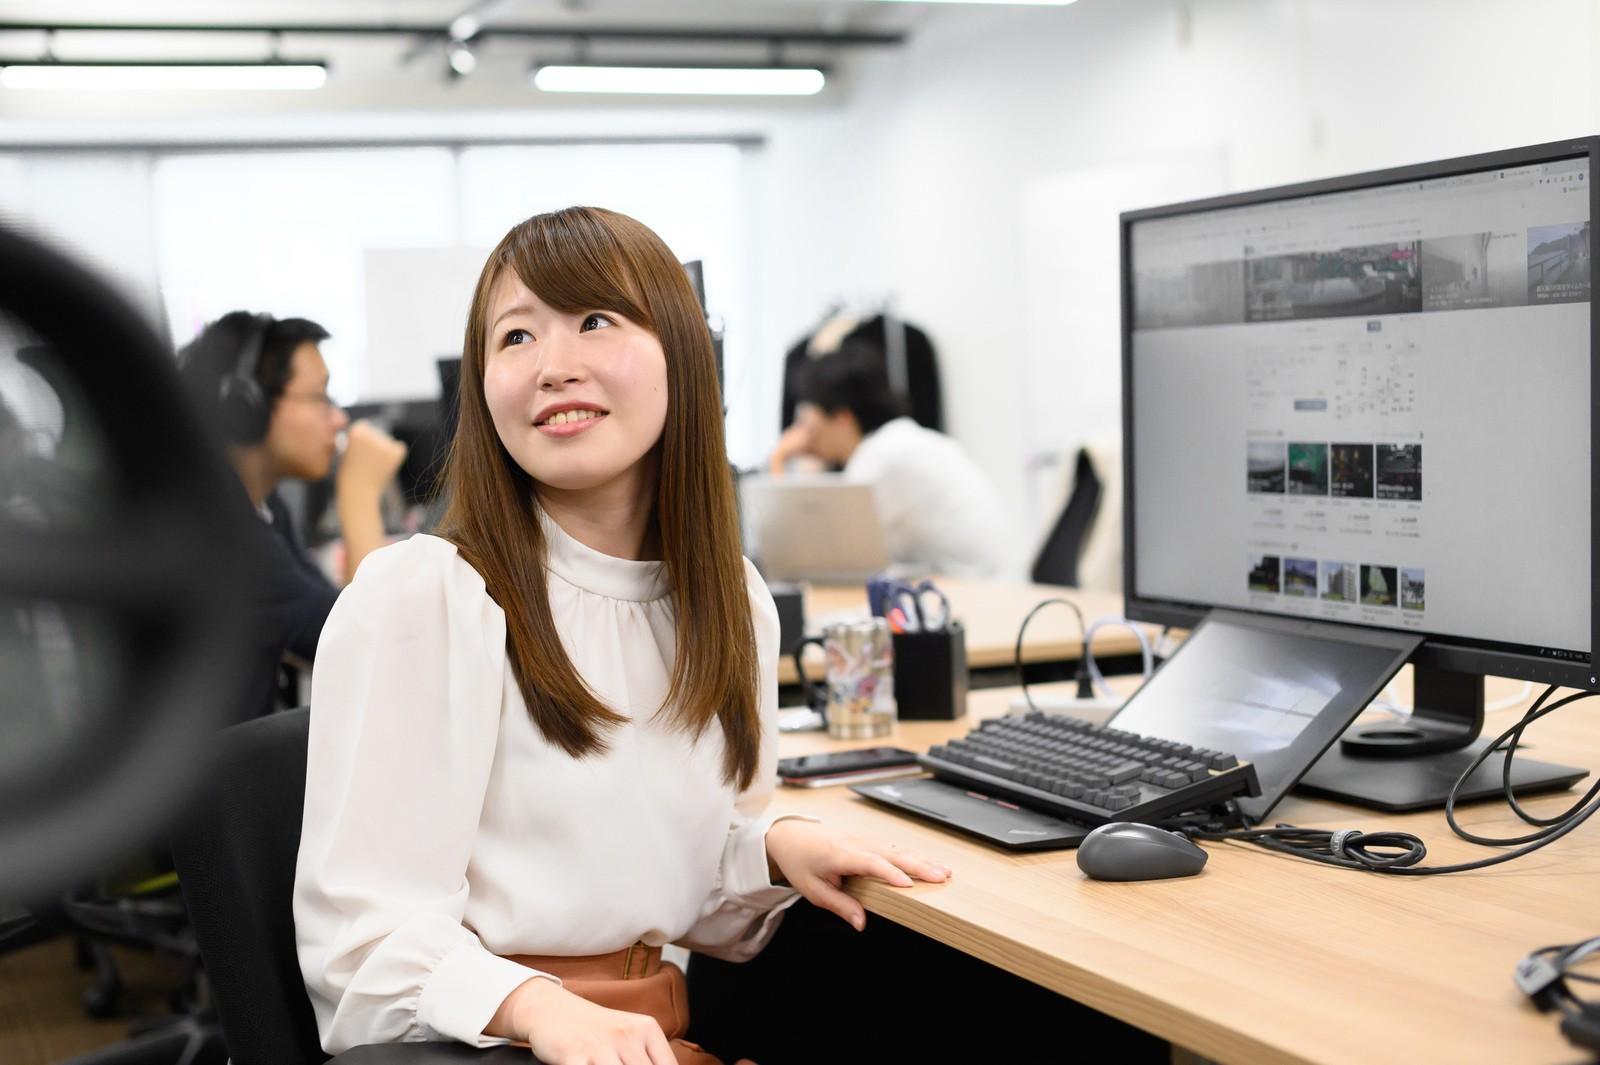 【.NET】高級ホテル予約サイト「一休.com」を開発するWebアプリケーションエンジニアを募集!